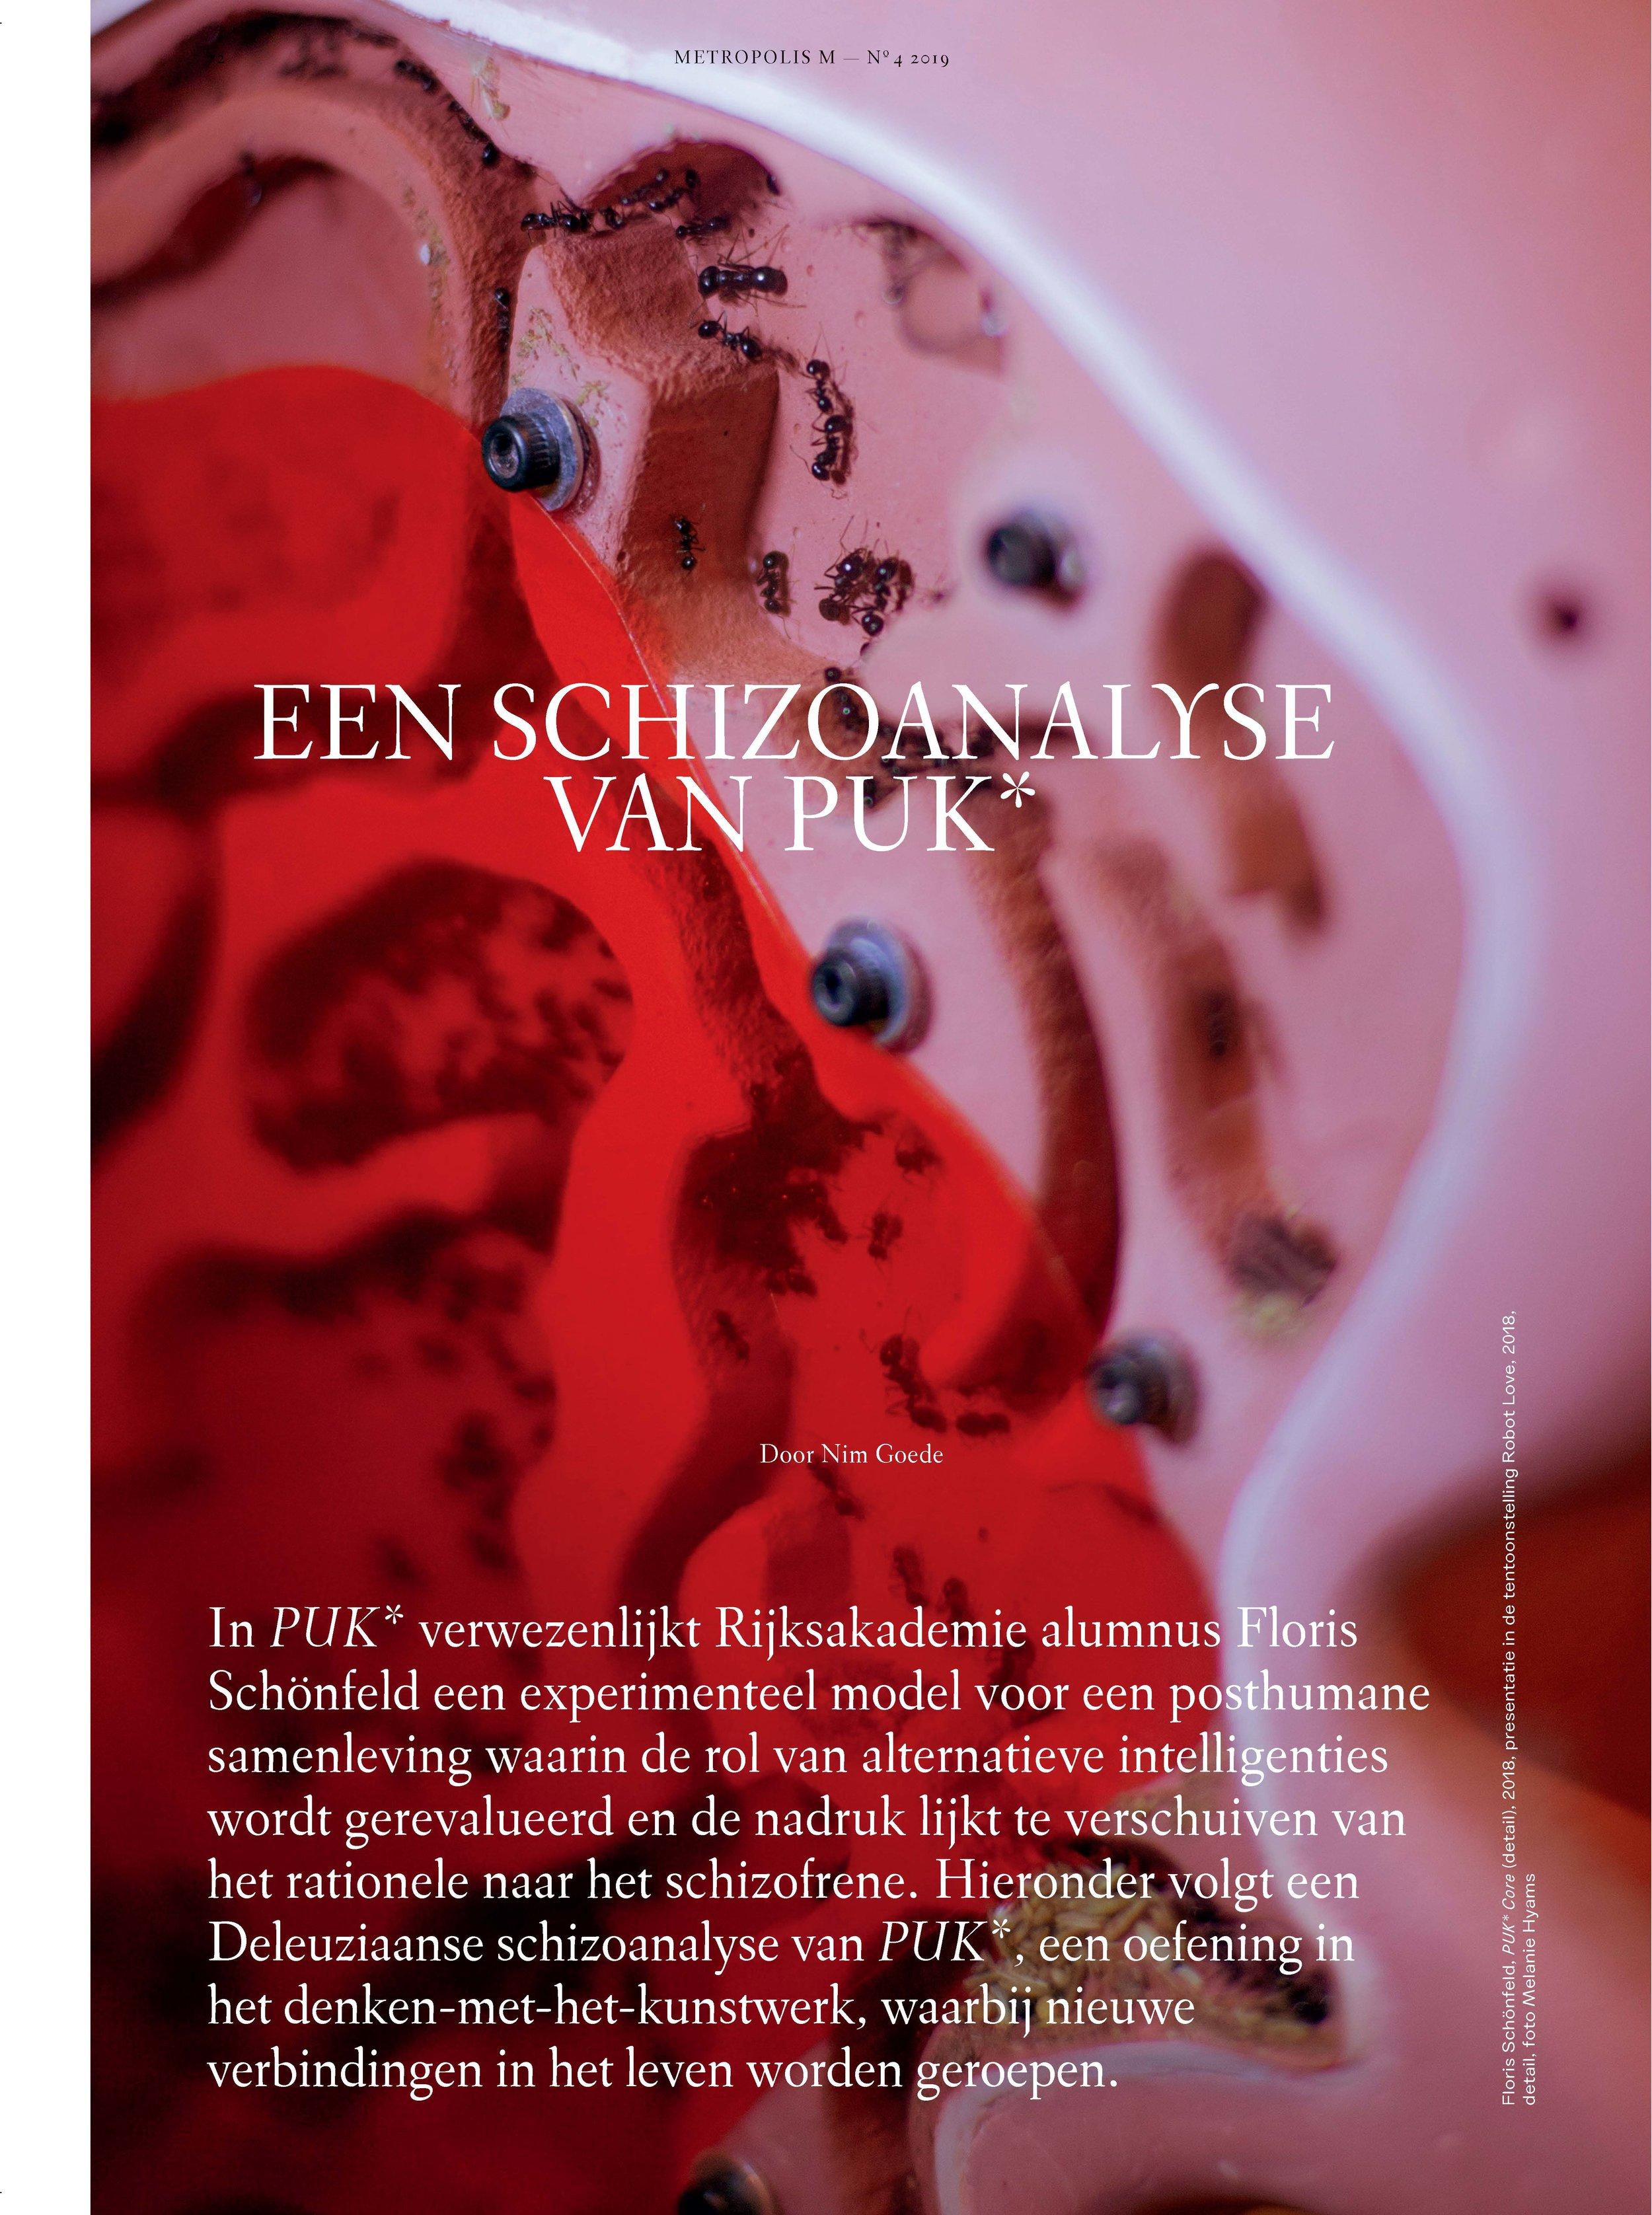 Nim Goede - Een Schizoanalyse van PUK - Metropolis M Nr 4 2019_Pagina_1.jpg